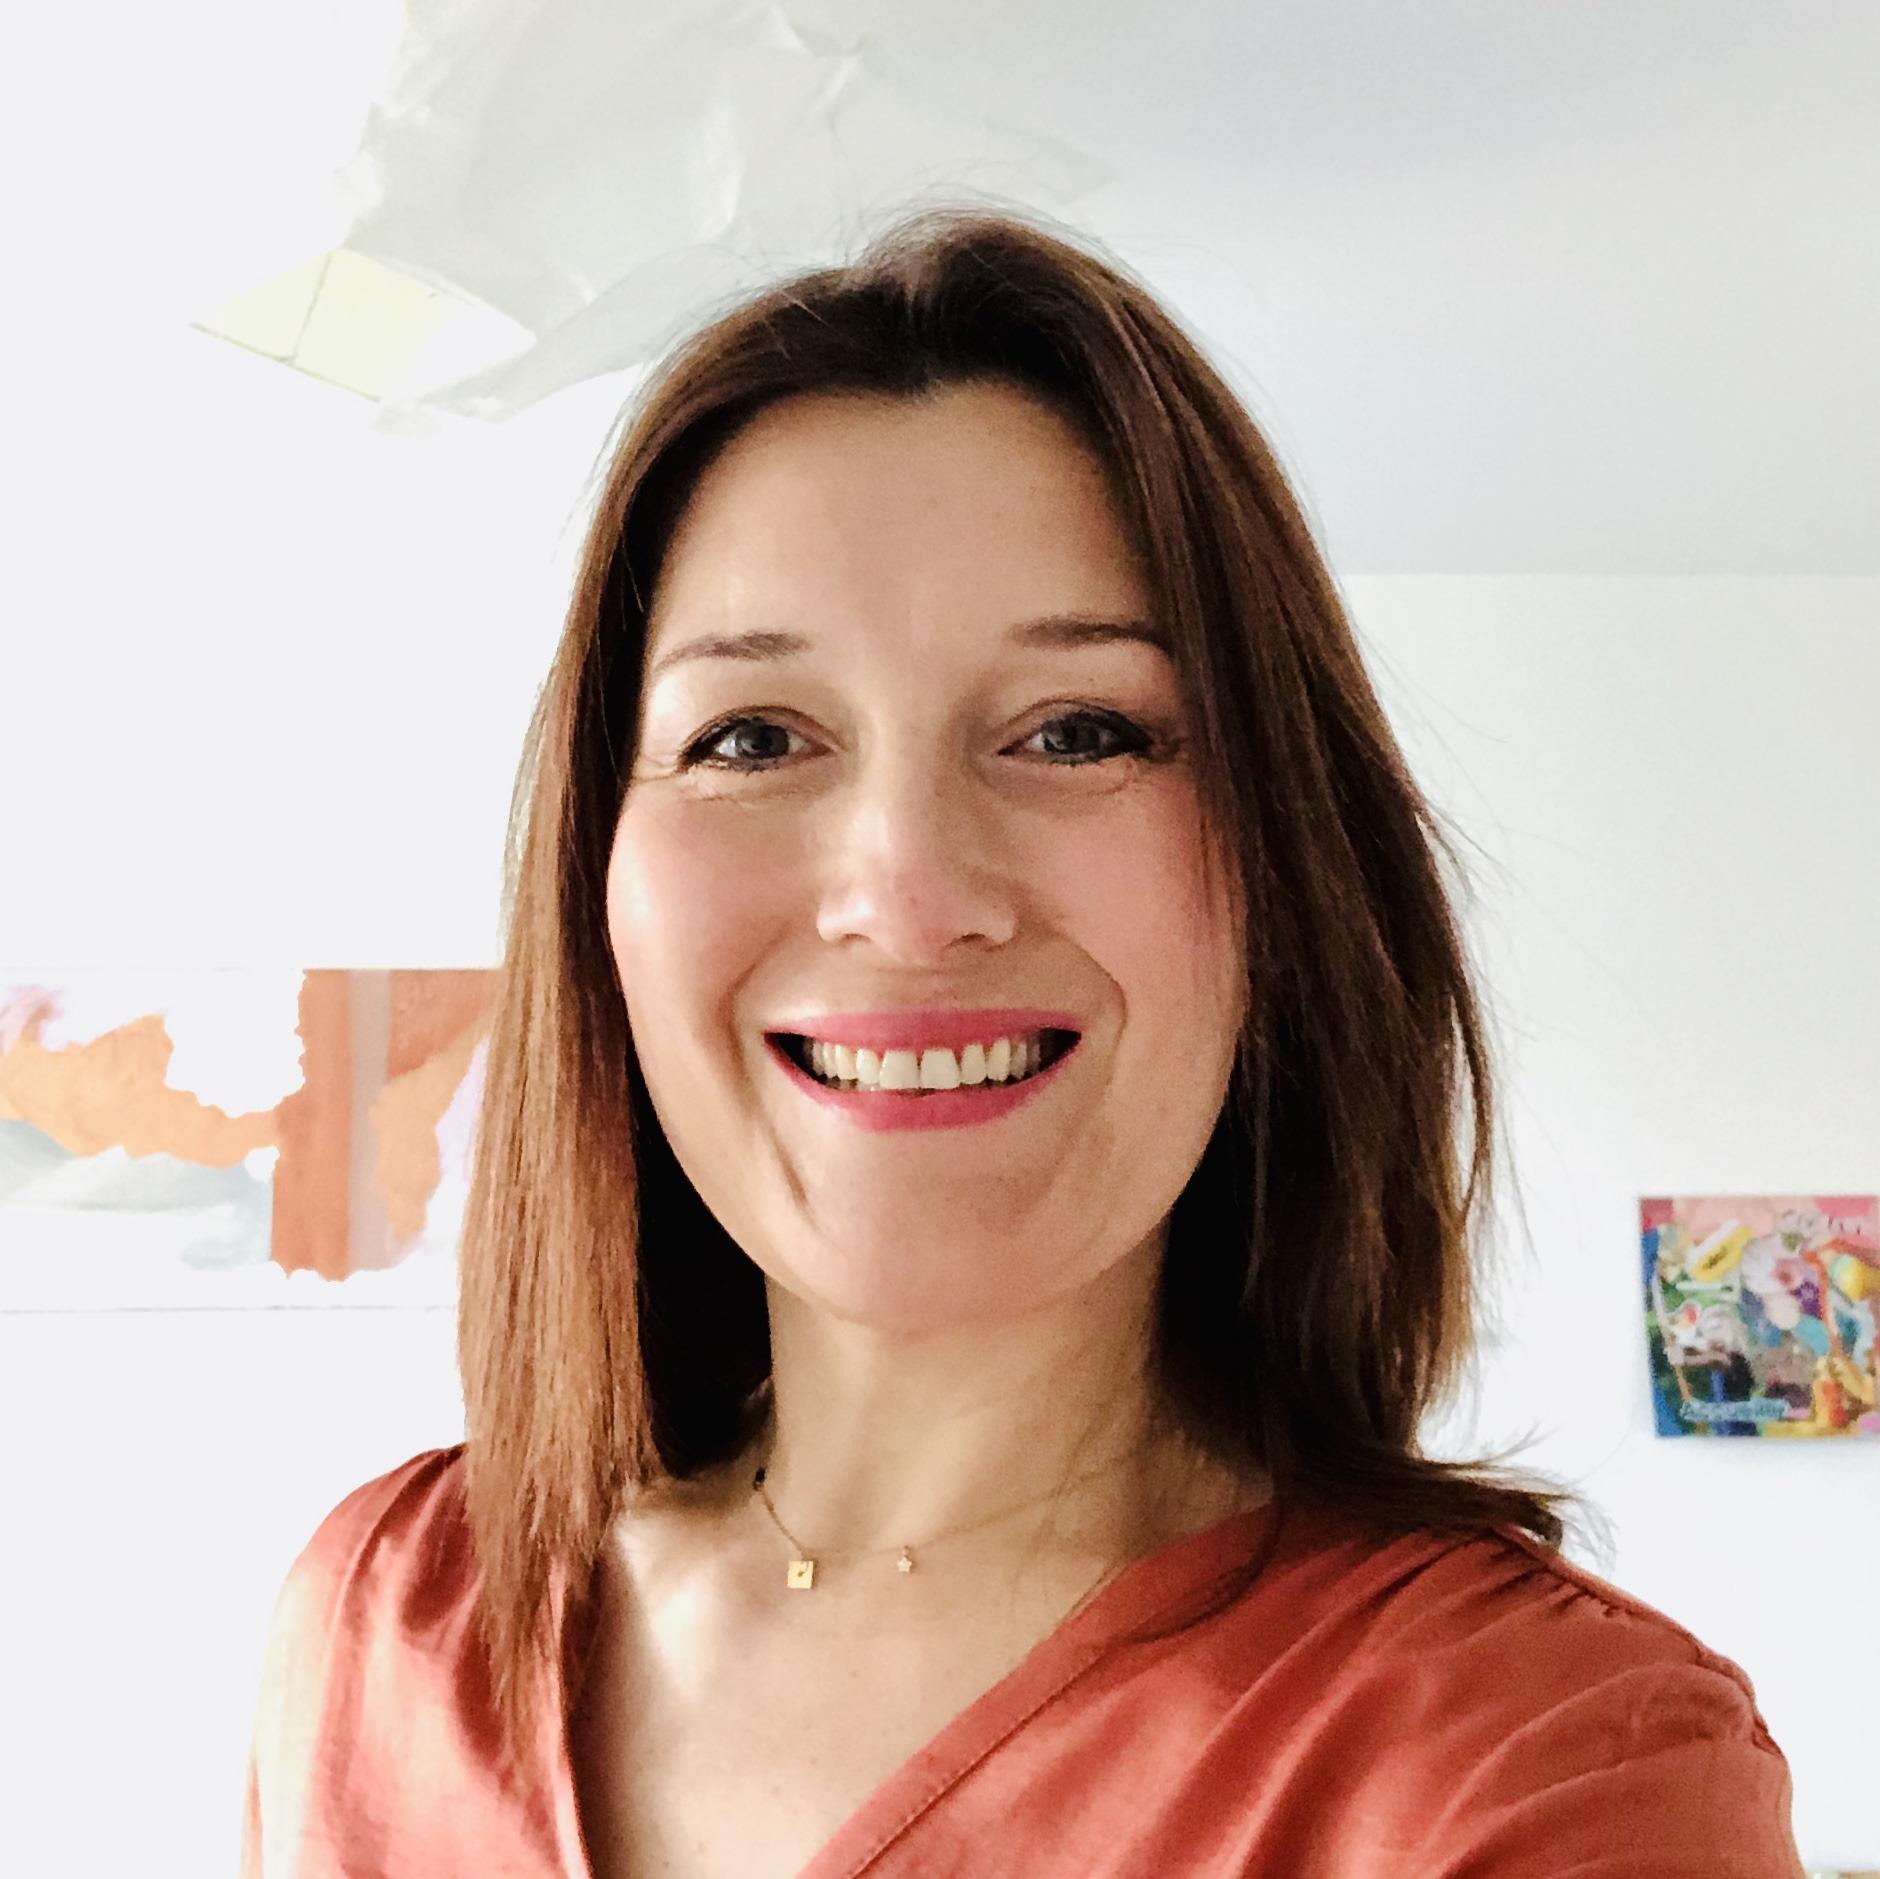 Elodie Gattiker